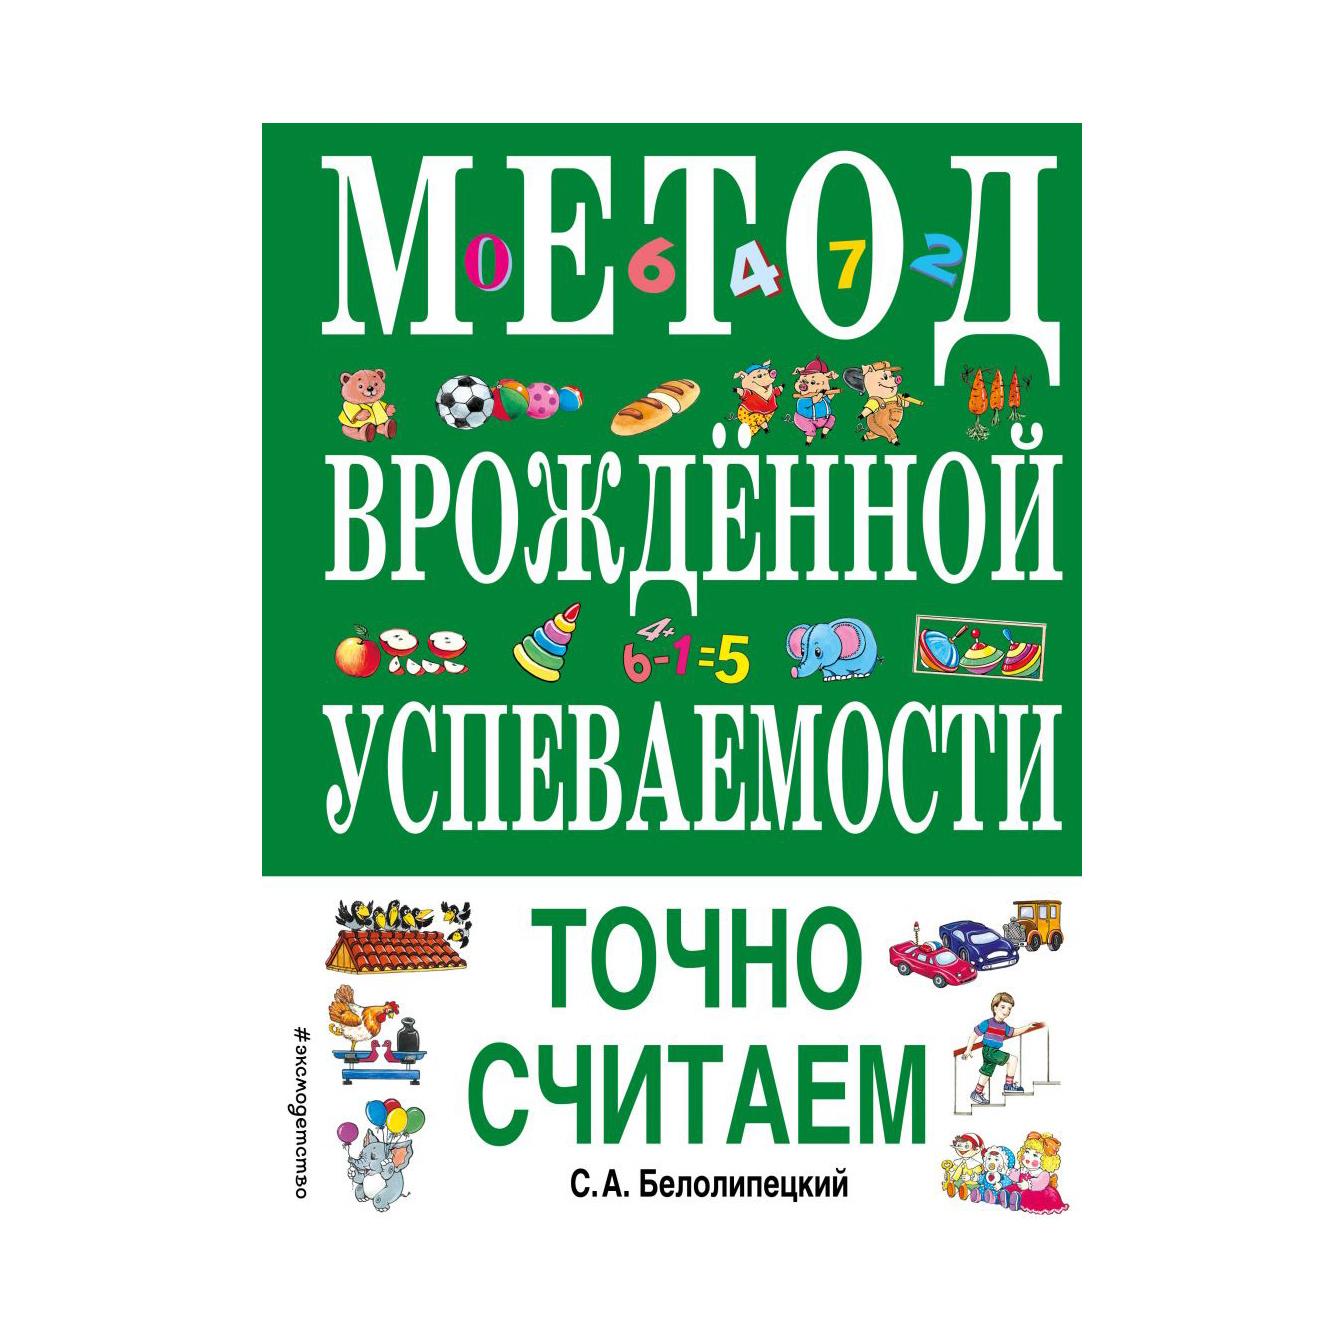 Книга Эксмо Метод врожденной успеваемости. Точно считаем